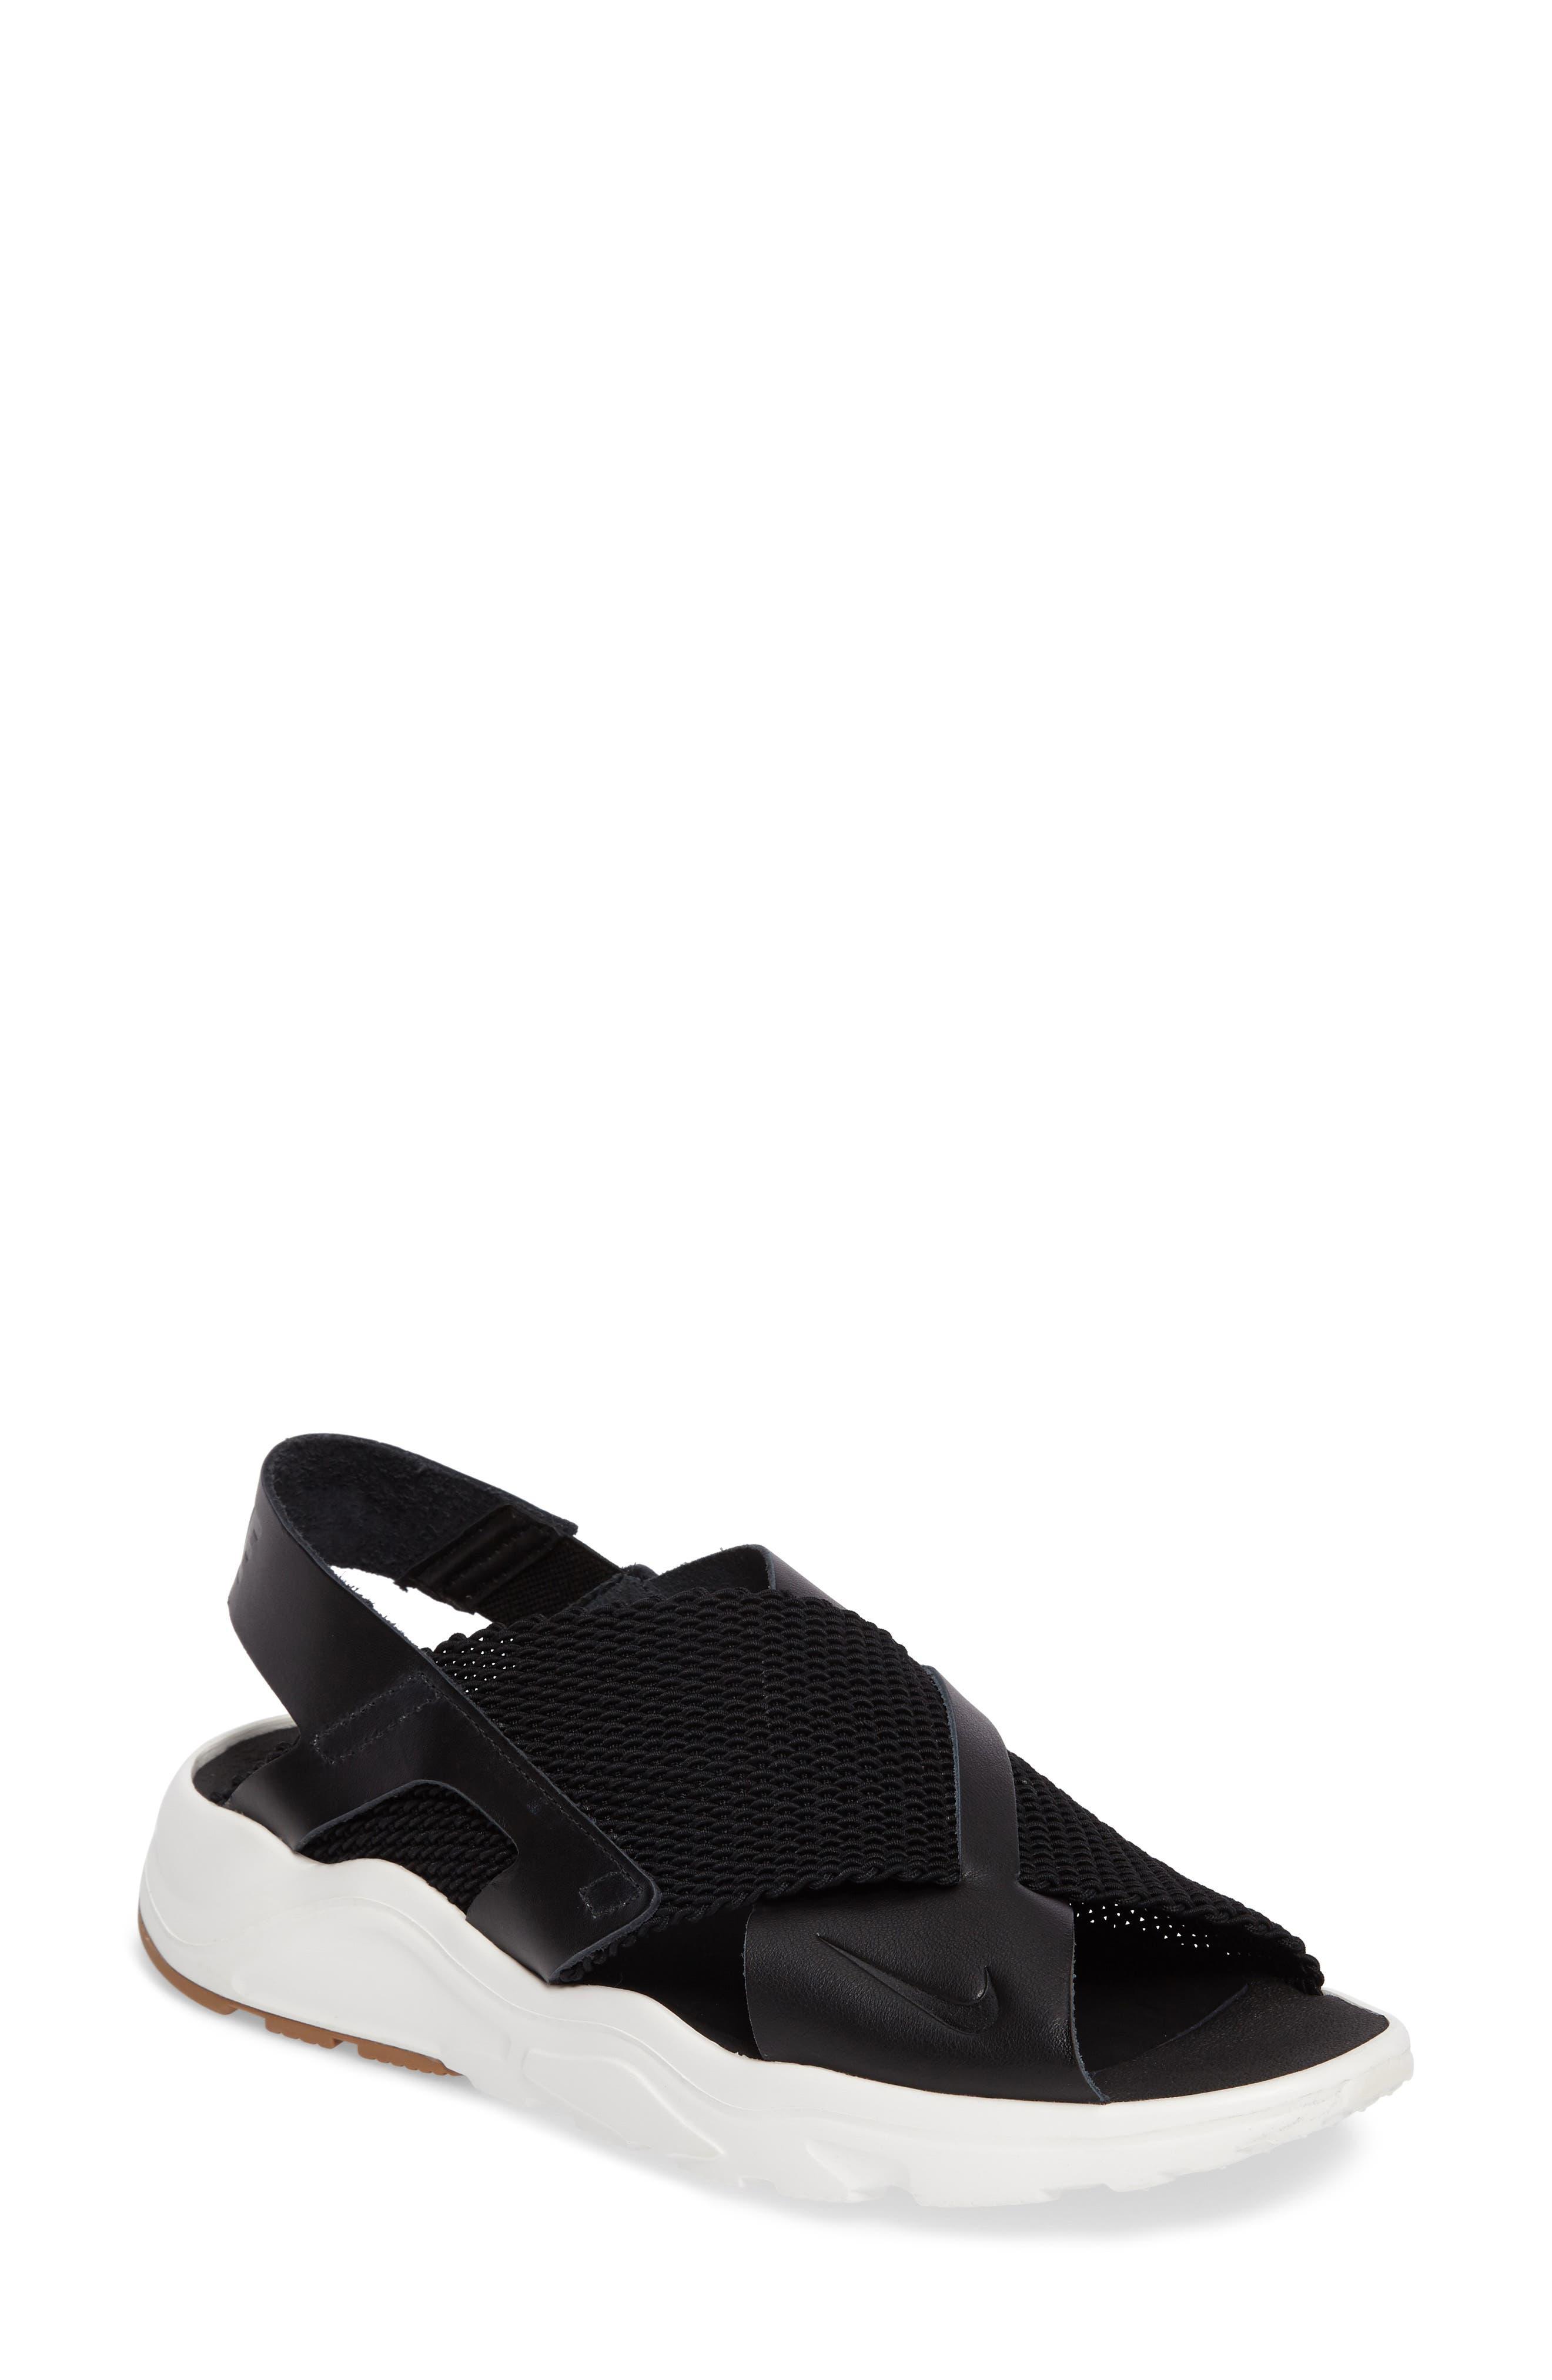 Air Huarache Ultra Sport Sandal,                         Main,                         color, Black/ Black/ Sail/ Gum Brown